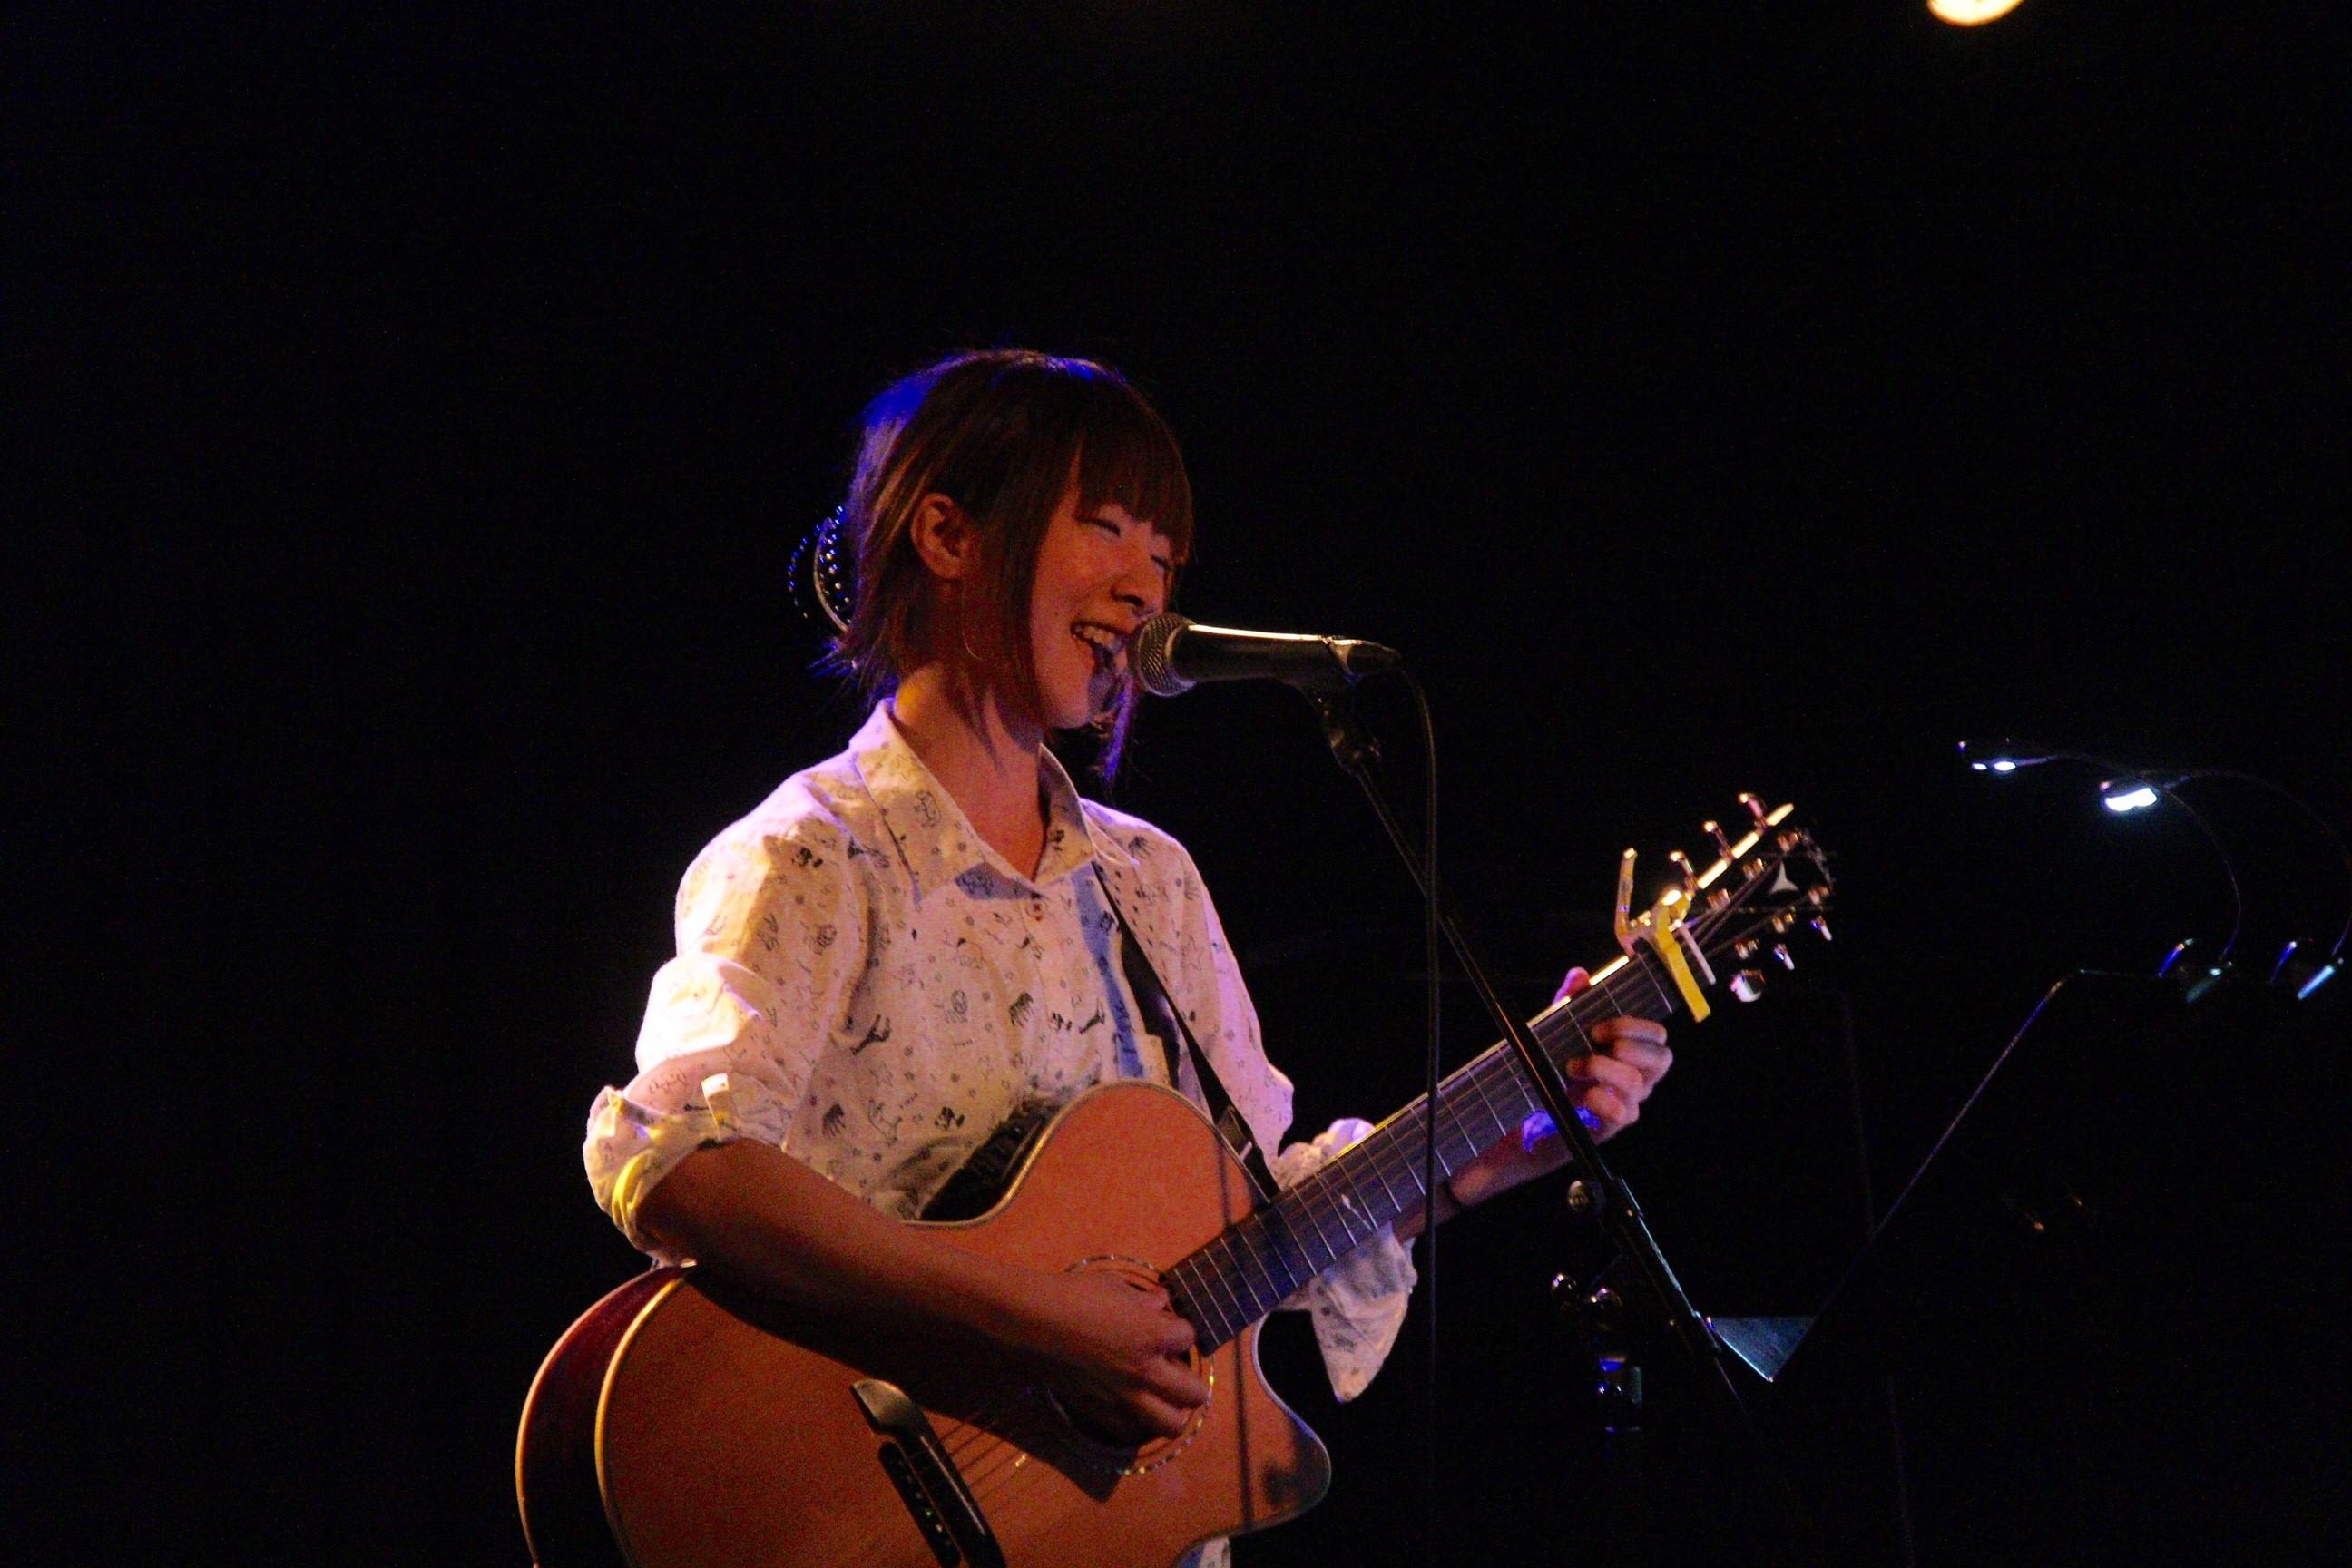 シンガーソングライター【花野】1stミニアルバムをみんなで作りたい!